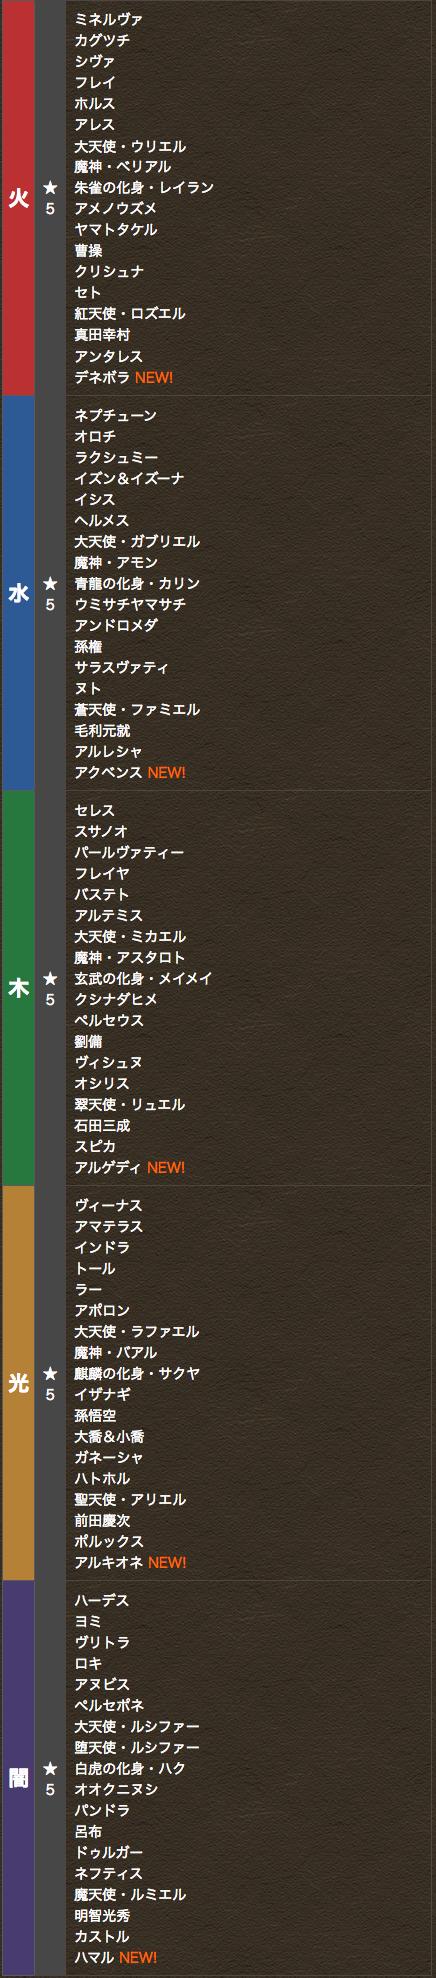 「一度きり!超お得セットガチャ」(09-26(月)10-00~)ラインナップ|パズル&ドラゴンズ